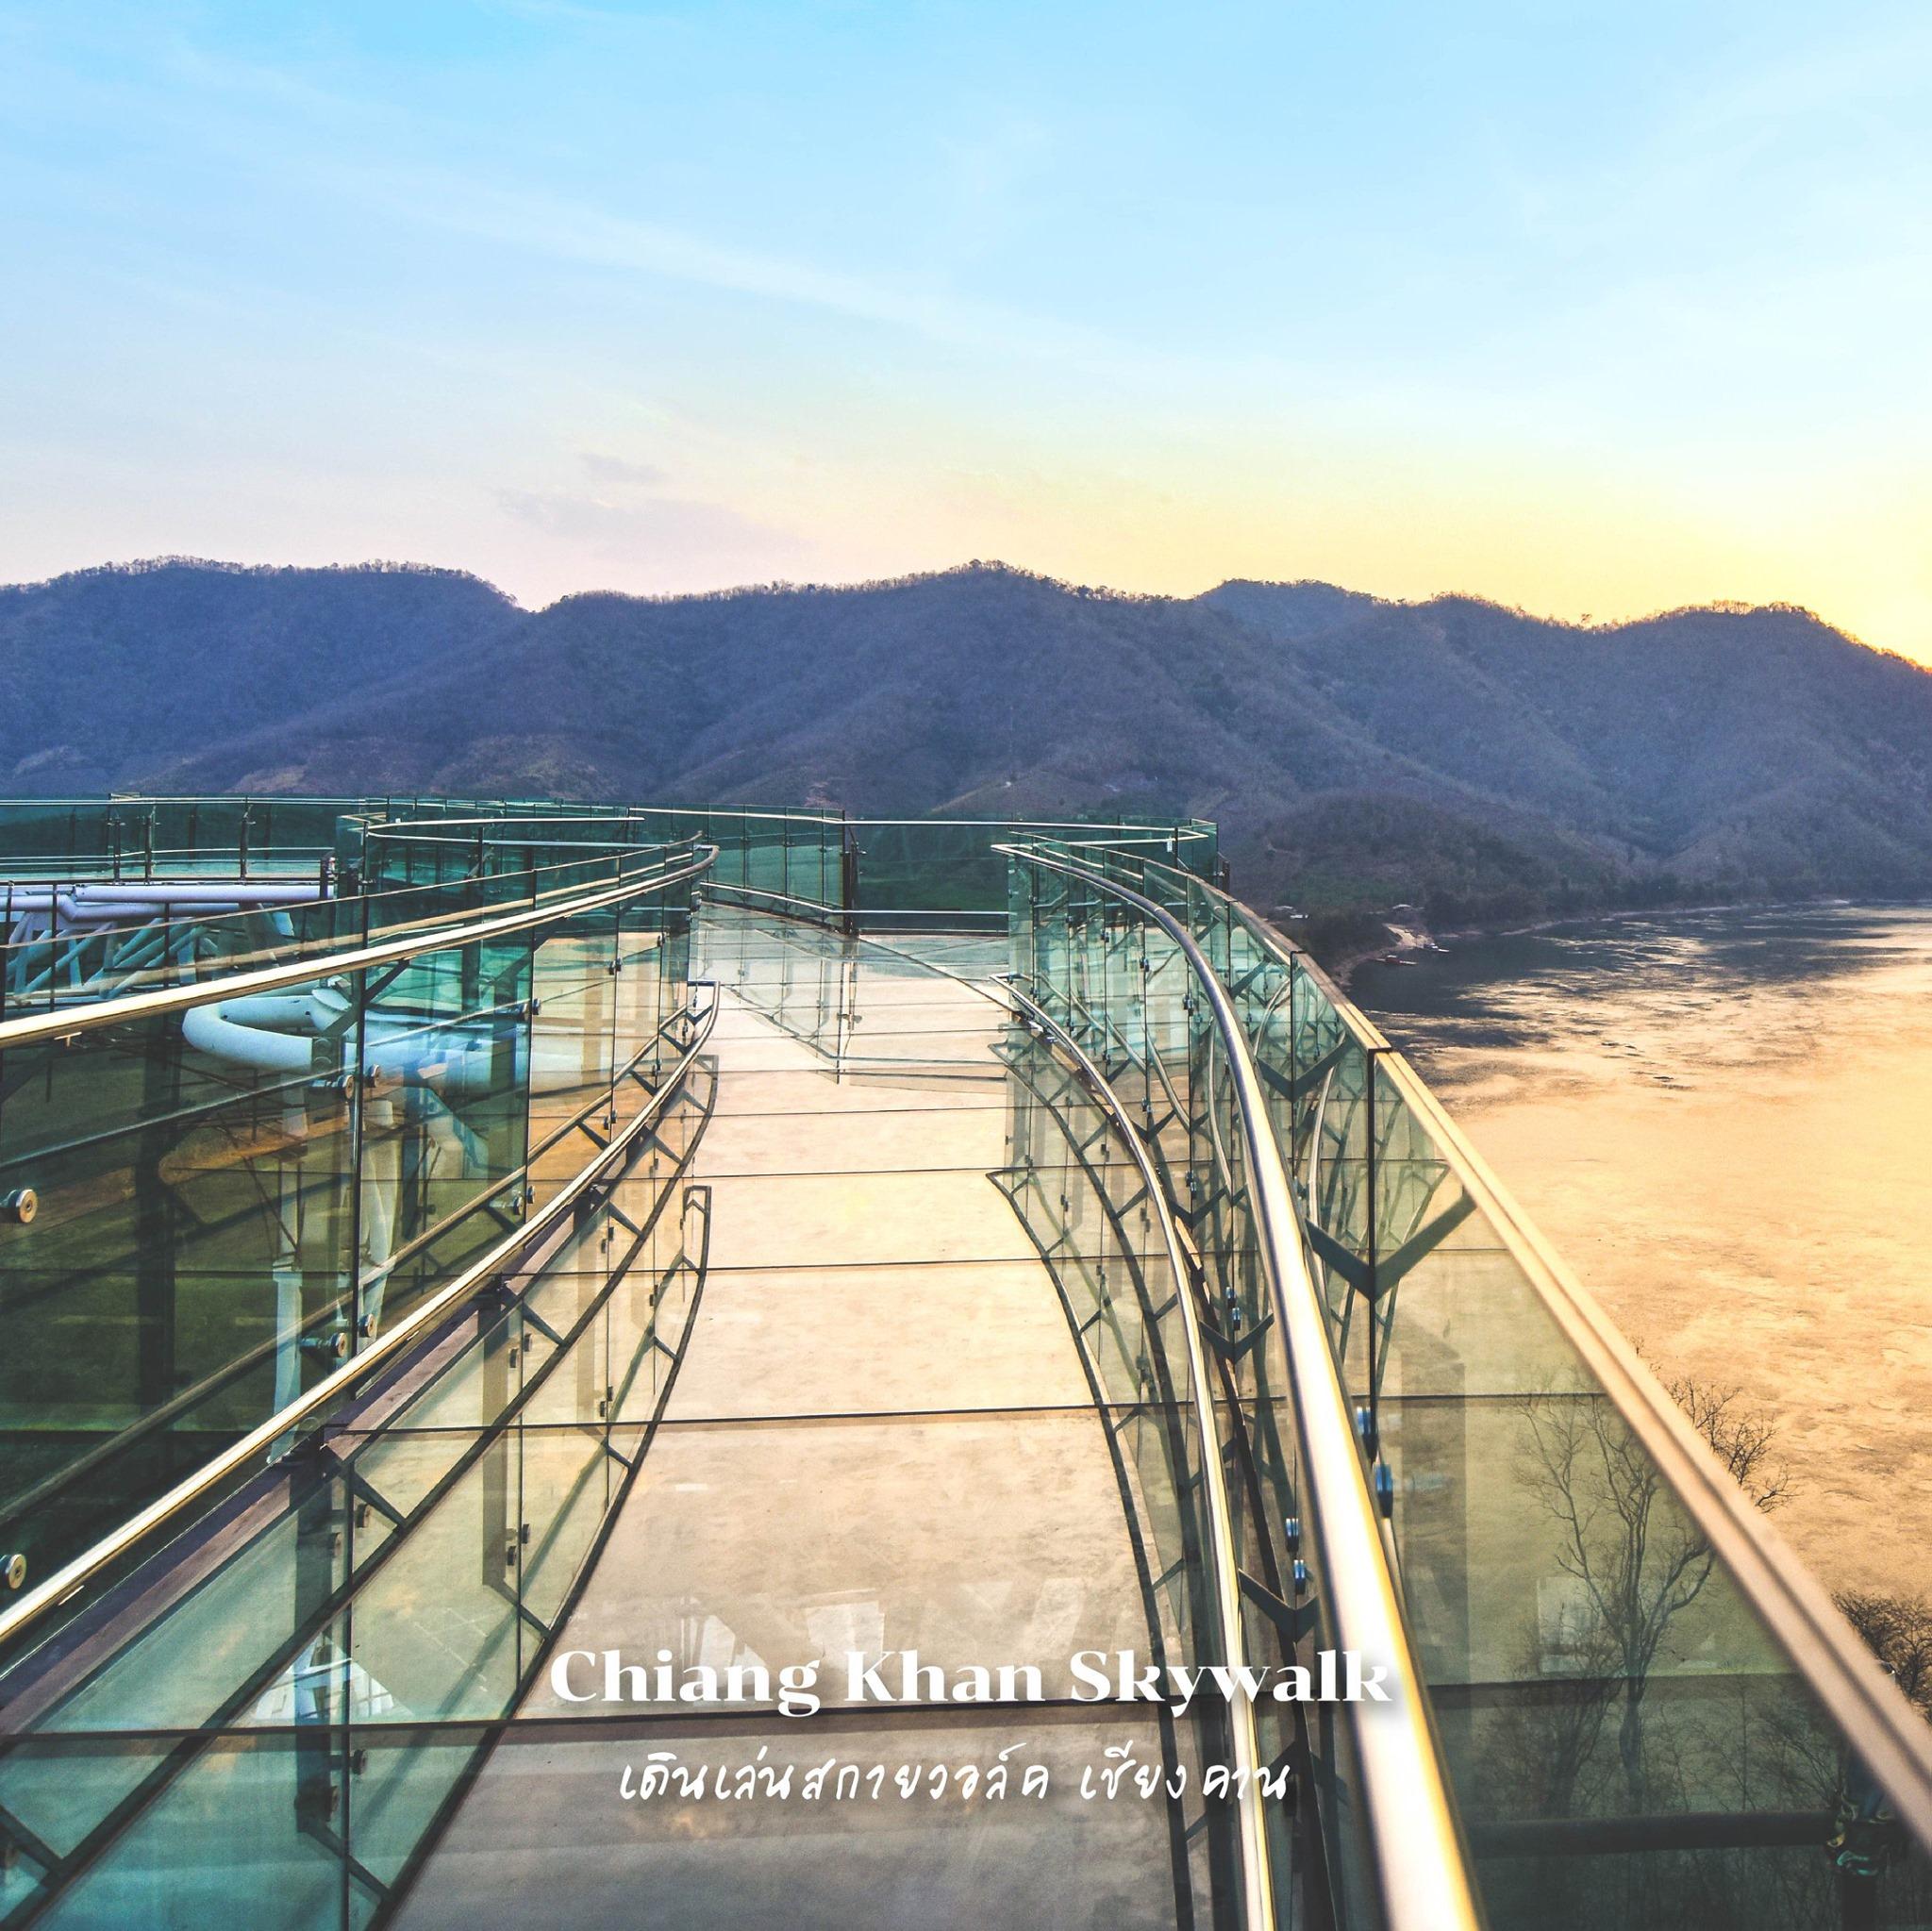 ชิลเชียงคาน 1 ใน 100 เมืองยั่งยืนโลก